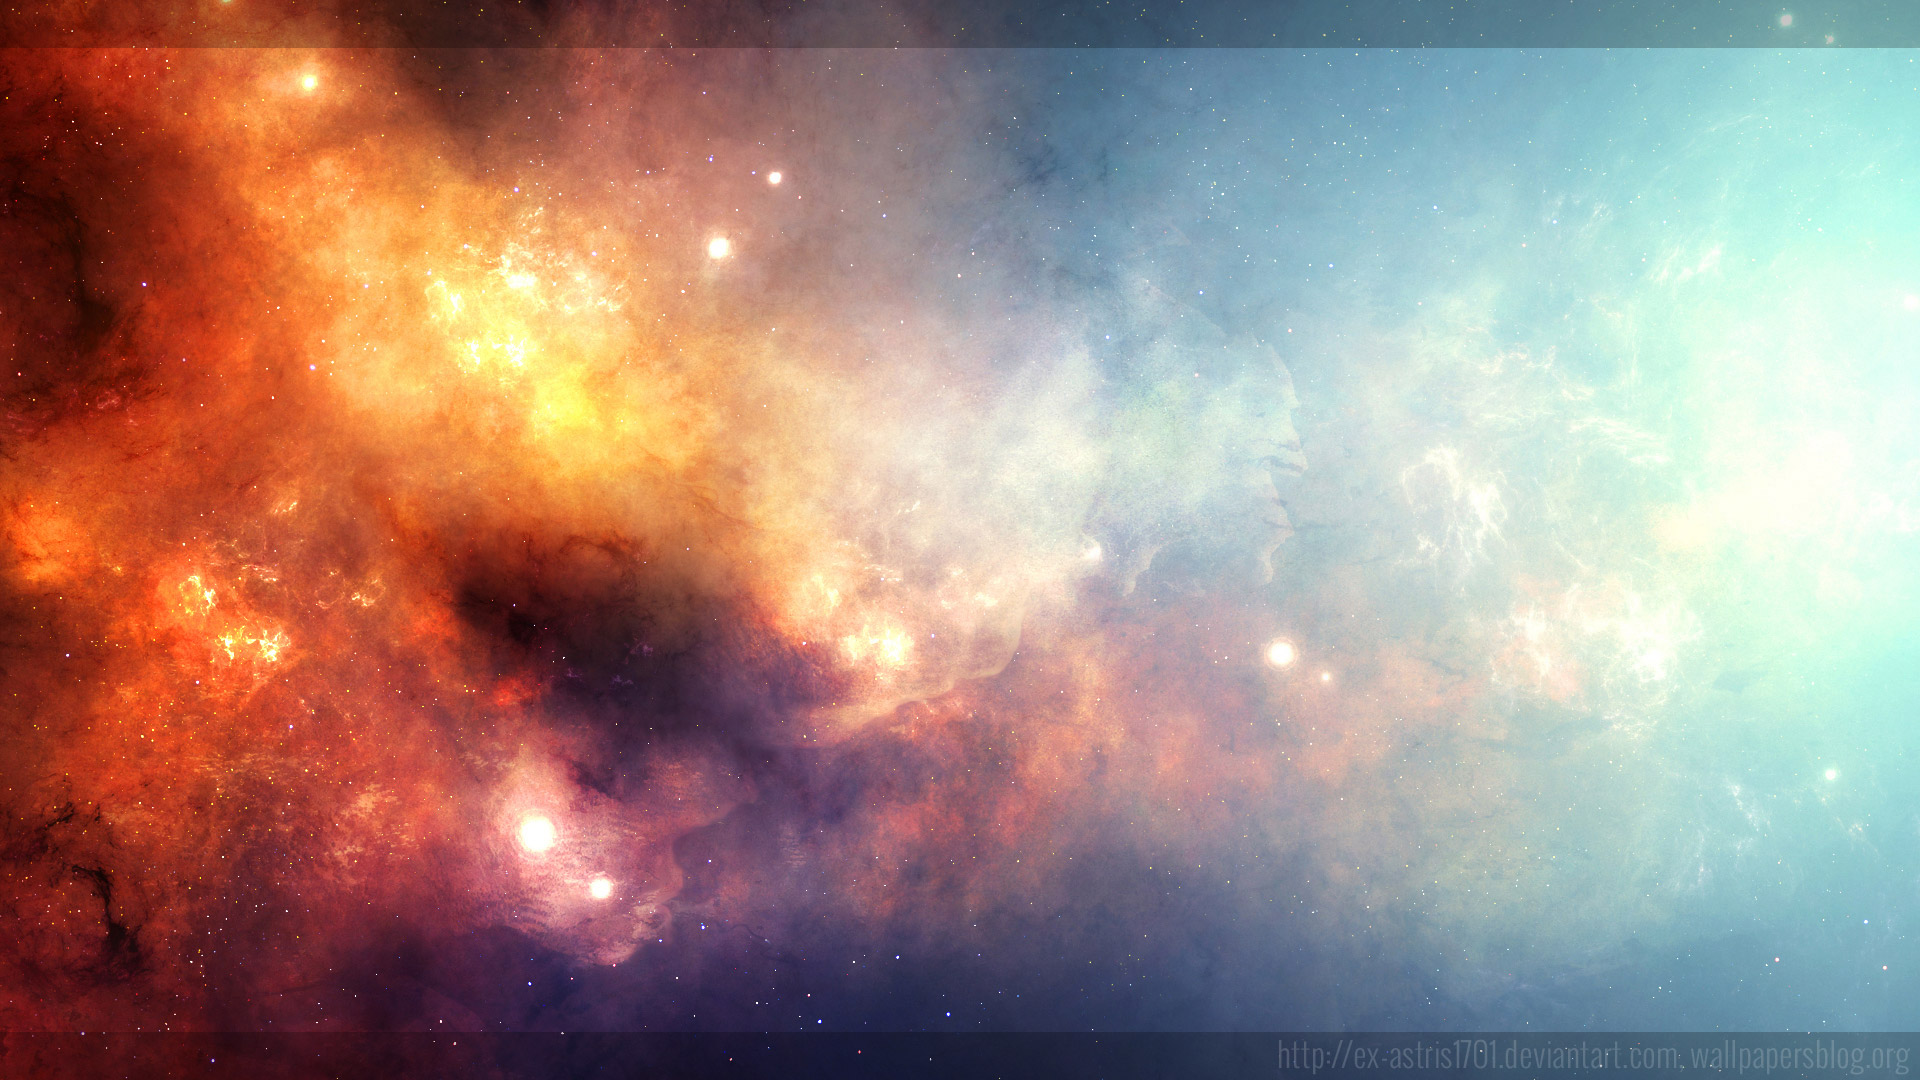 Universe wallpaper 1080p hd wallpapersafari - Full hd wallpaper pc download ...